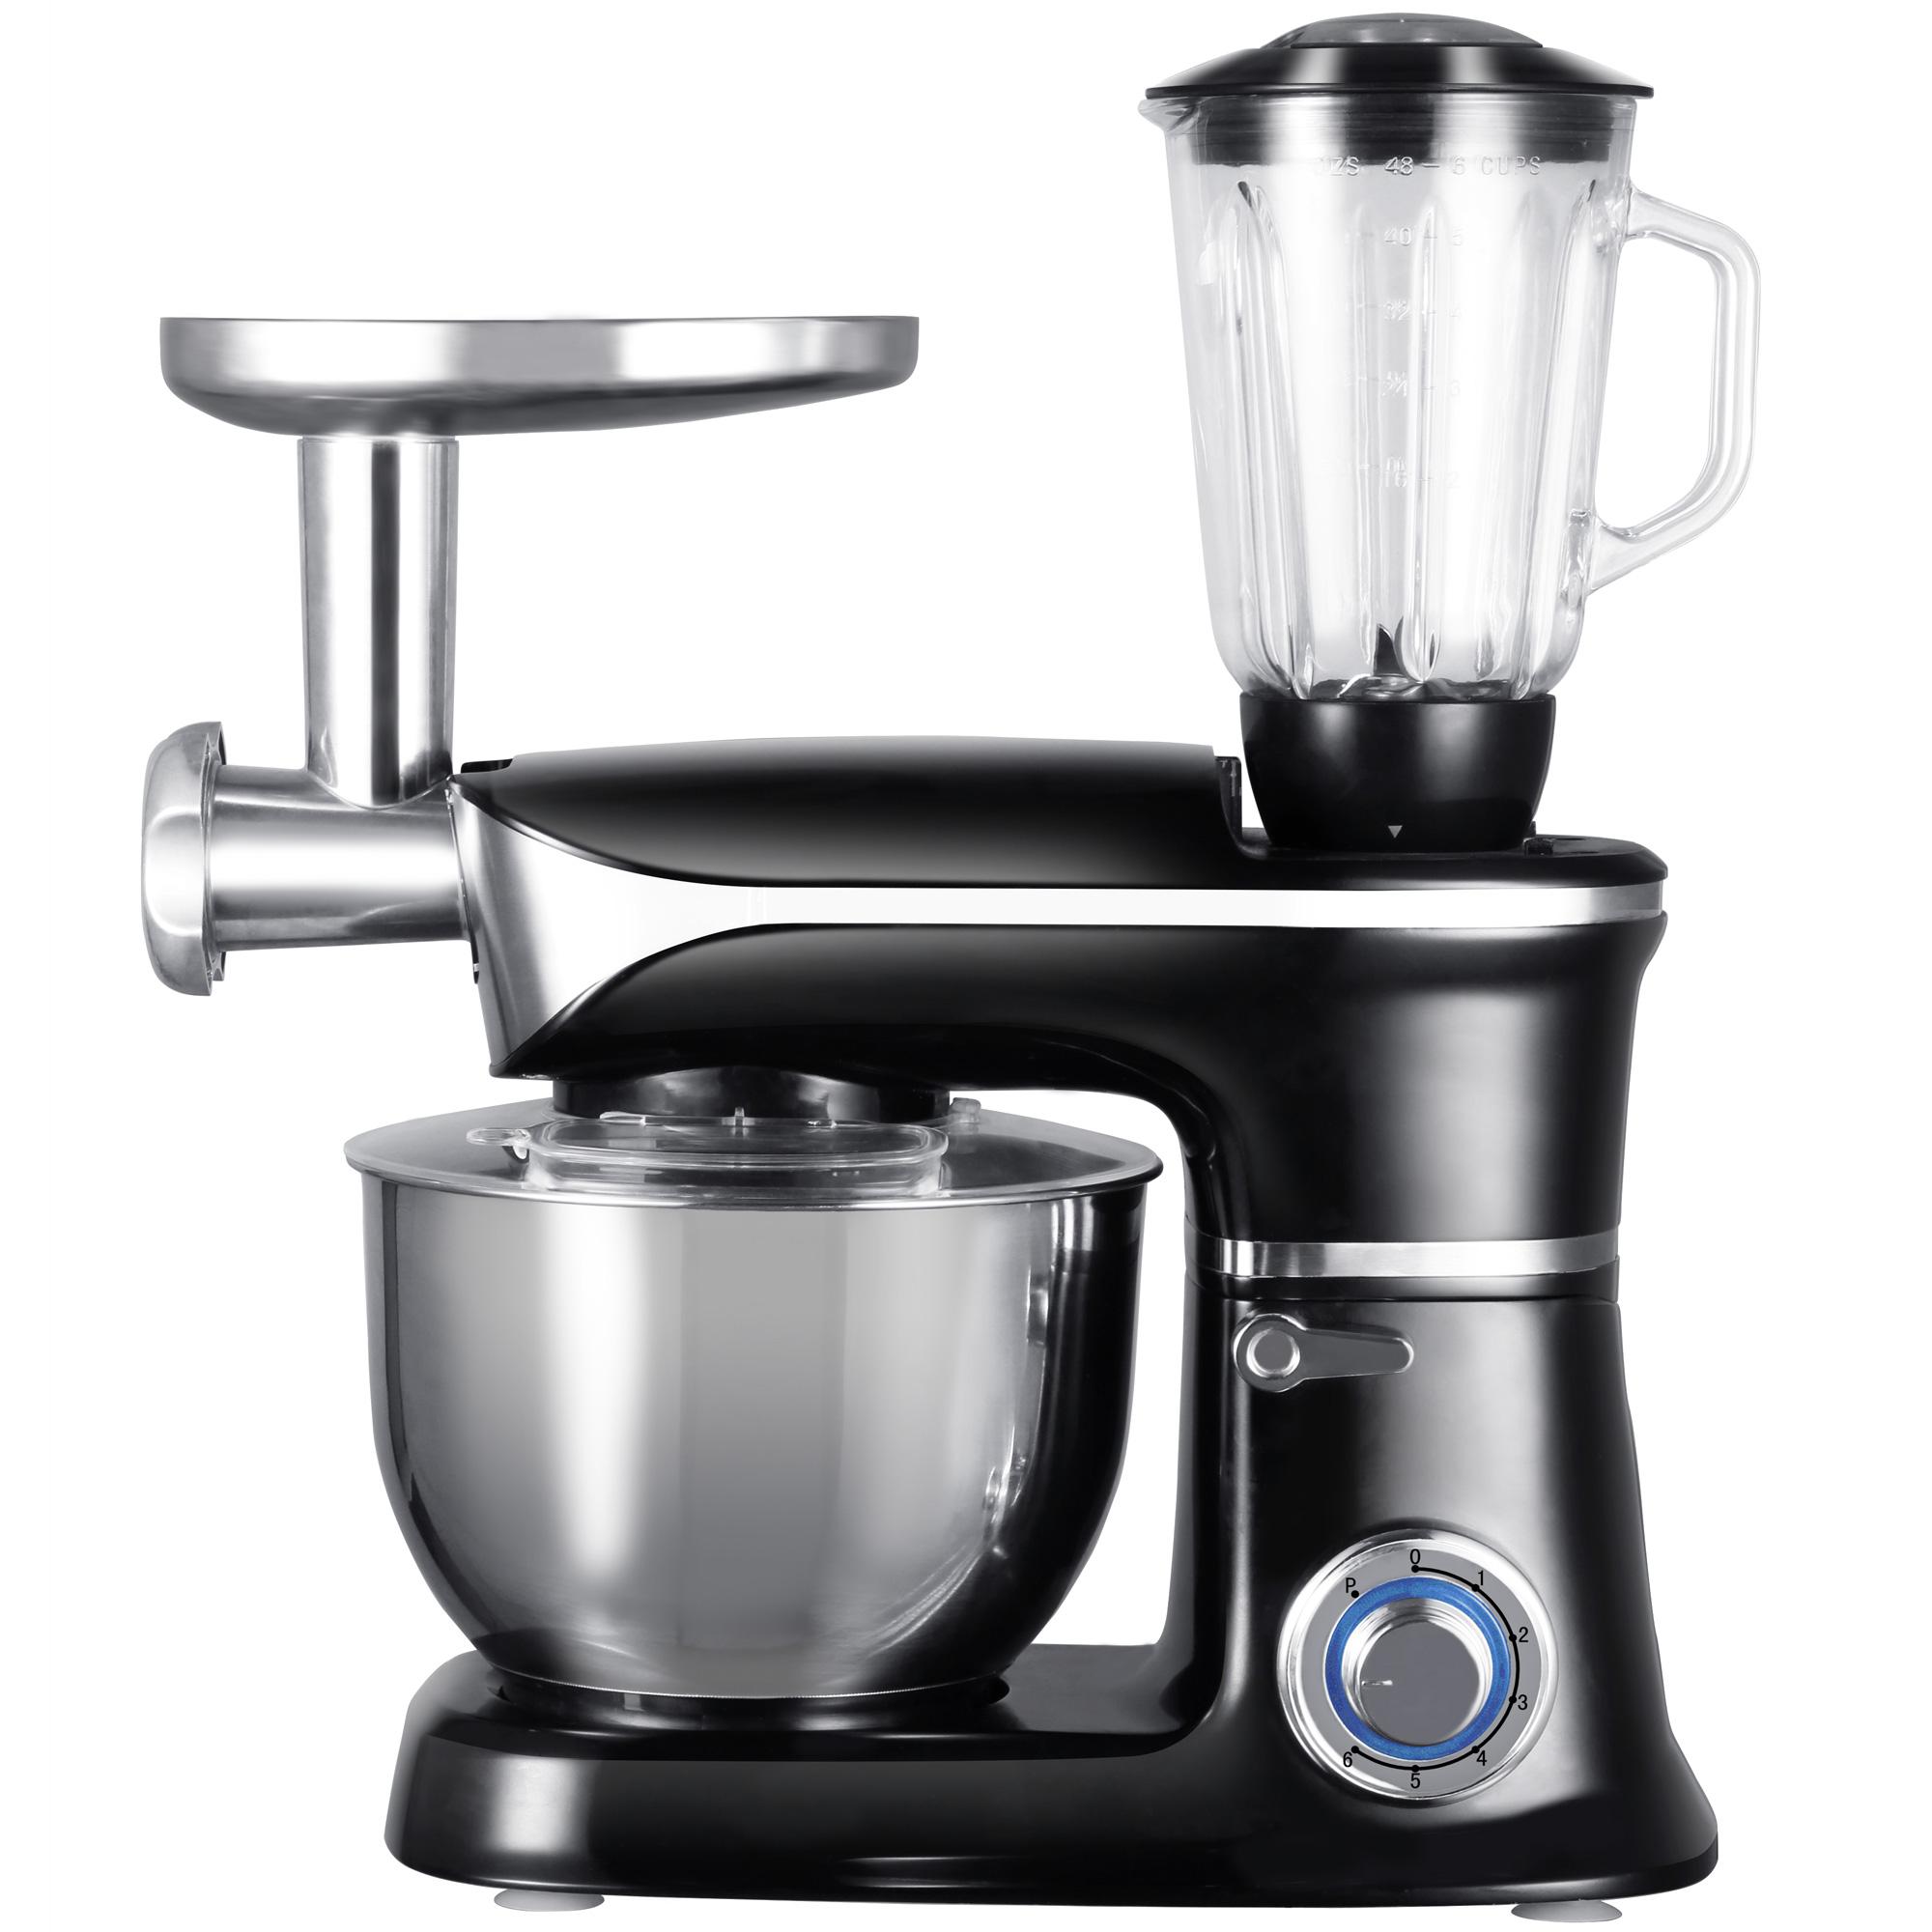 Küchenmaschine Mit Mixer 2021